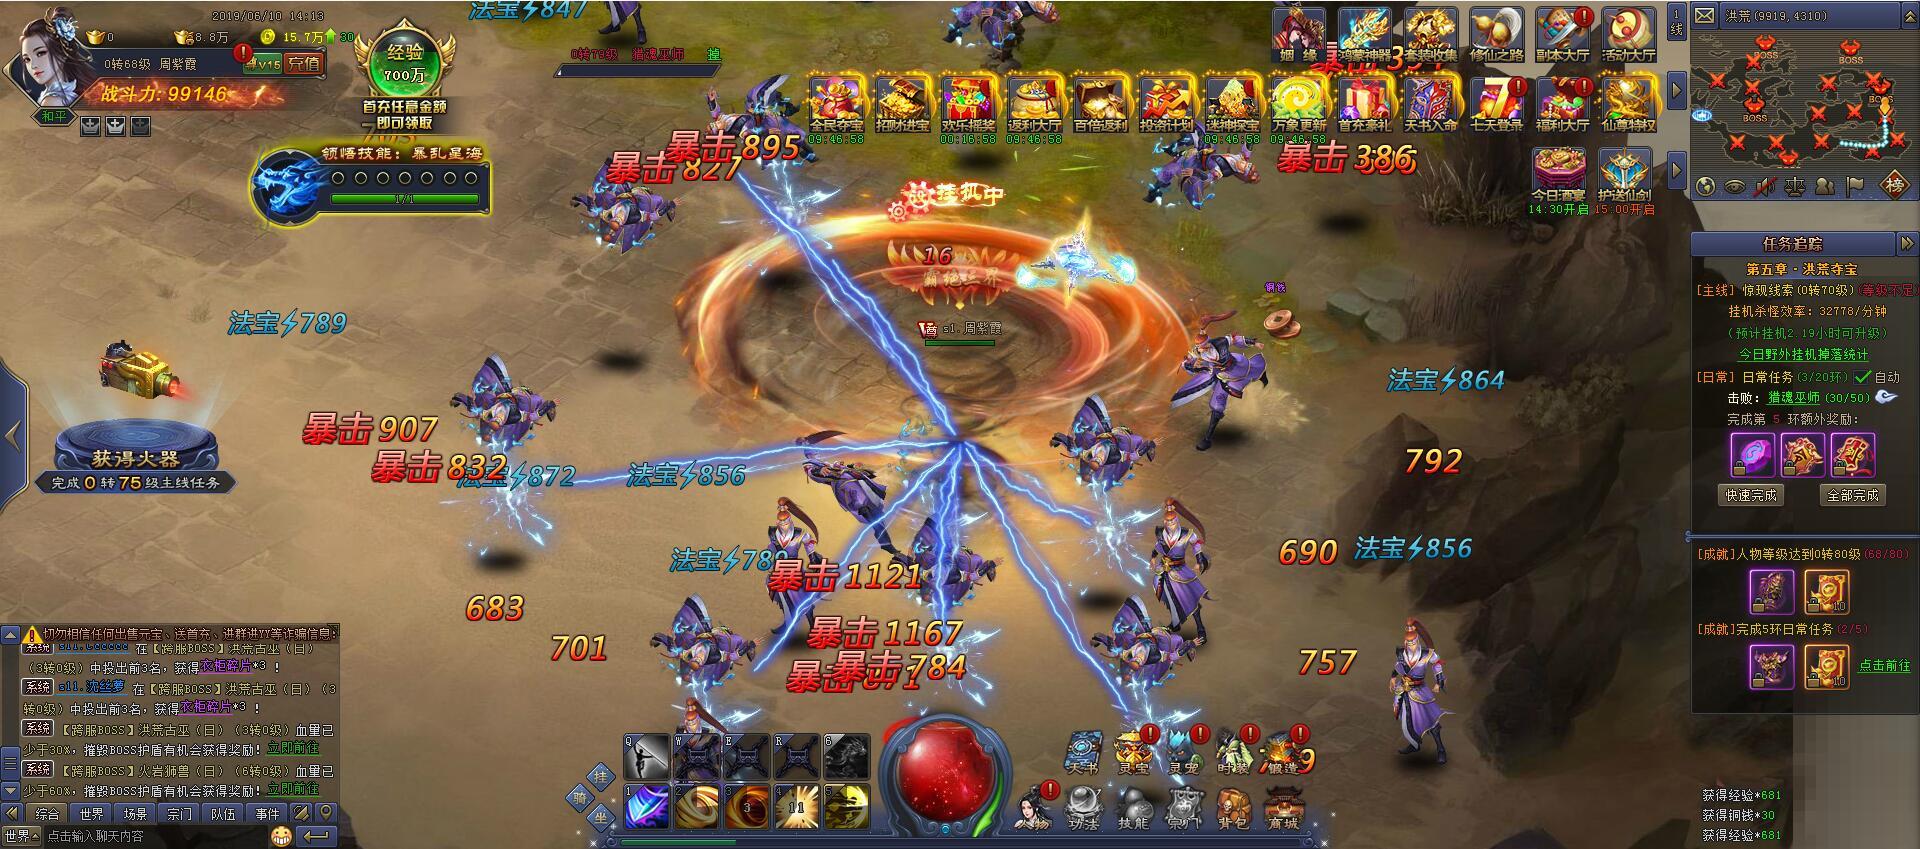 傲剑苍穹游戏截图3